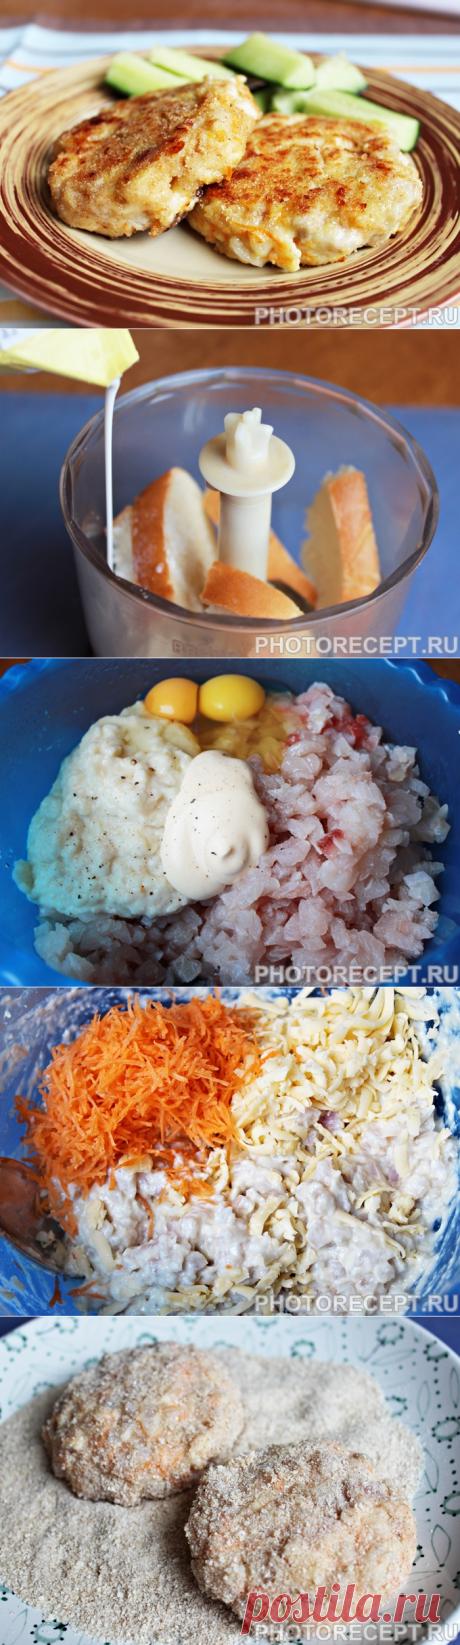 Rublennye las croquetas de pez con la zanahoria y el queso - la receta de la foto poshagovo